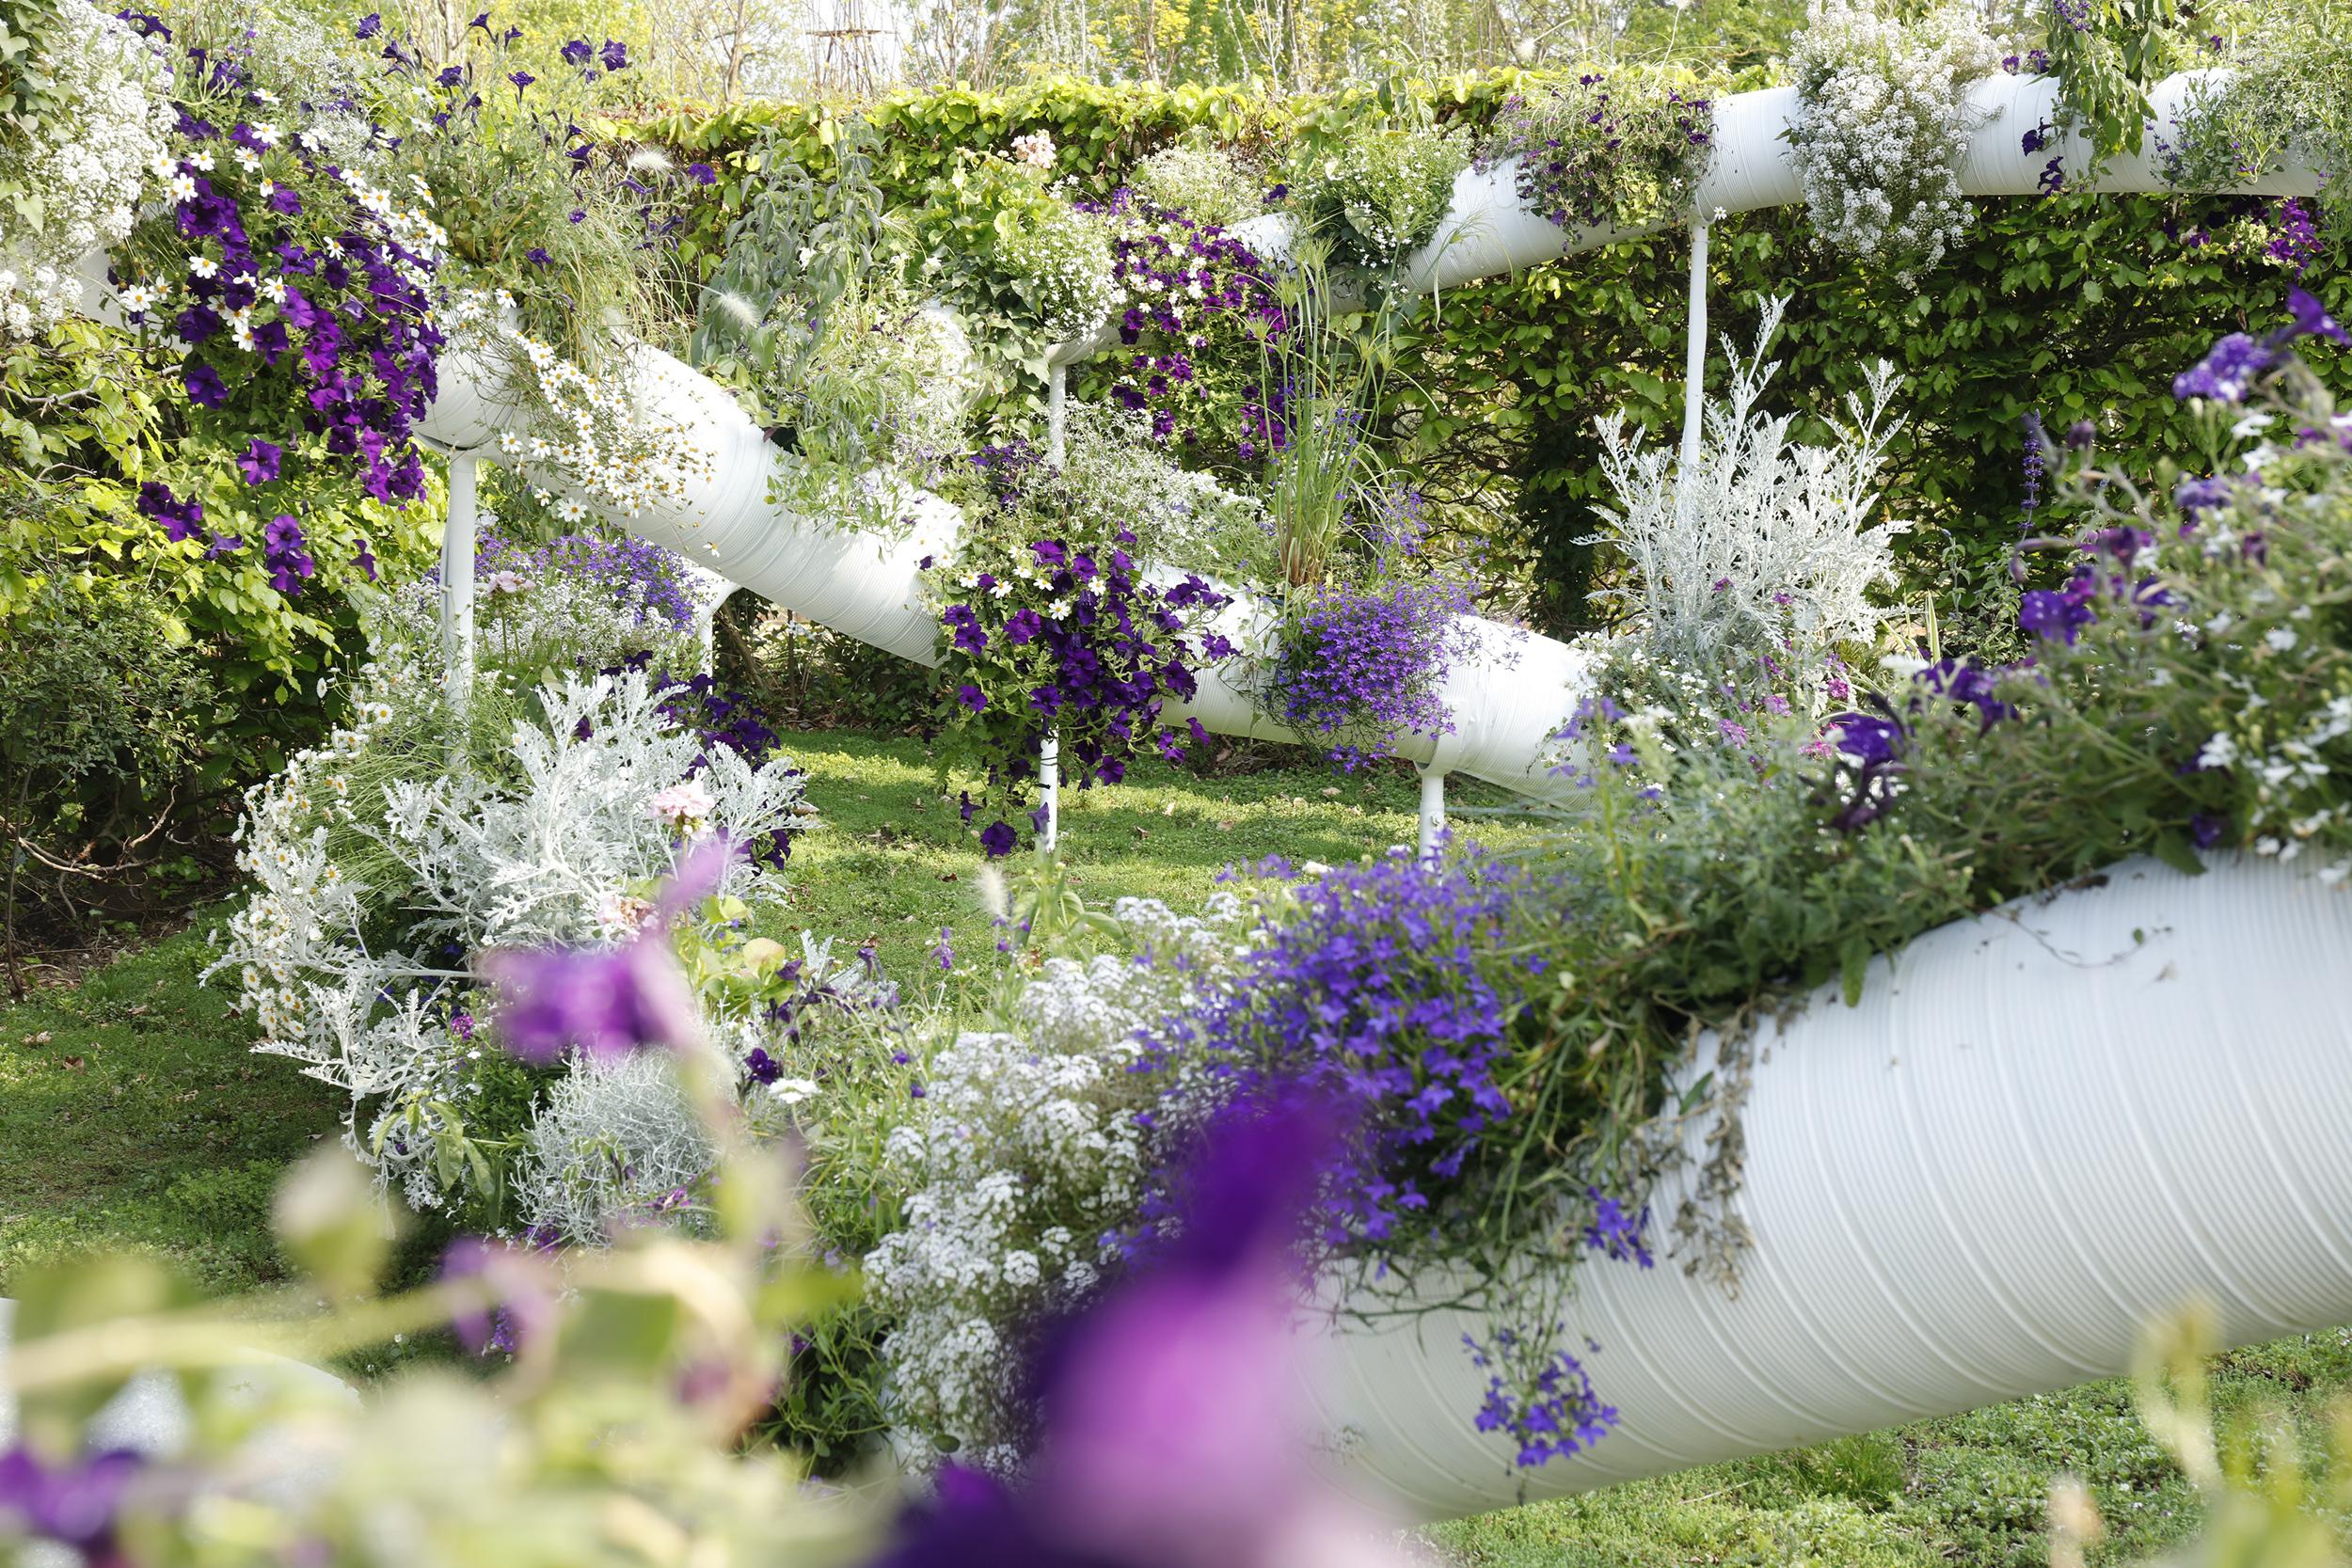 18 Jardin Suspendu 2 0 Domaine De Chaumont Sur Loire